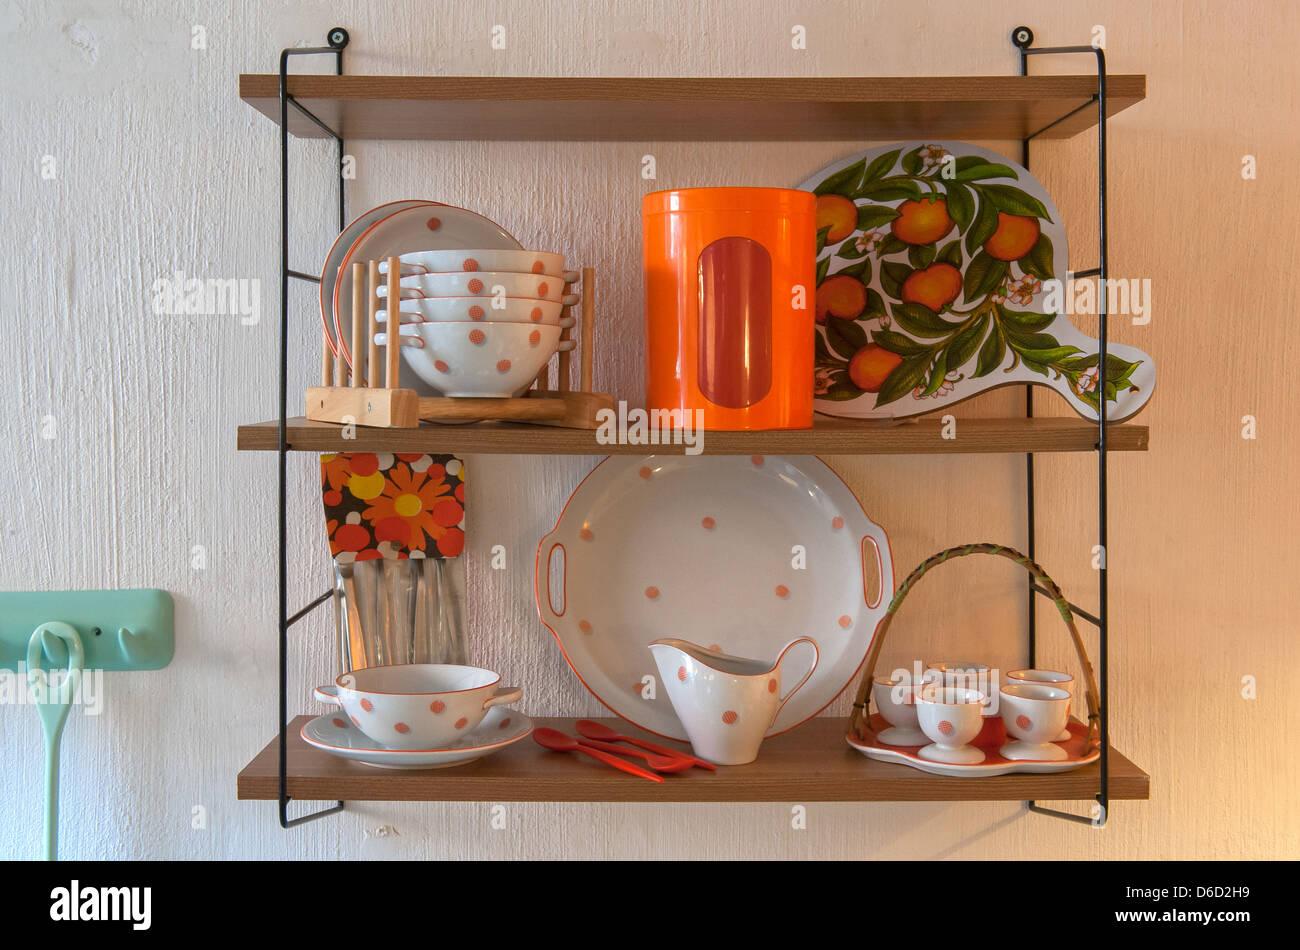 Berlín, Alemania, en el mobiliario de estilo retro de los 50s y 60s Imagen De Stock